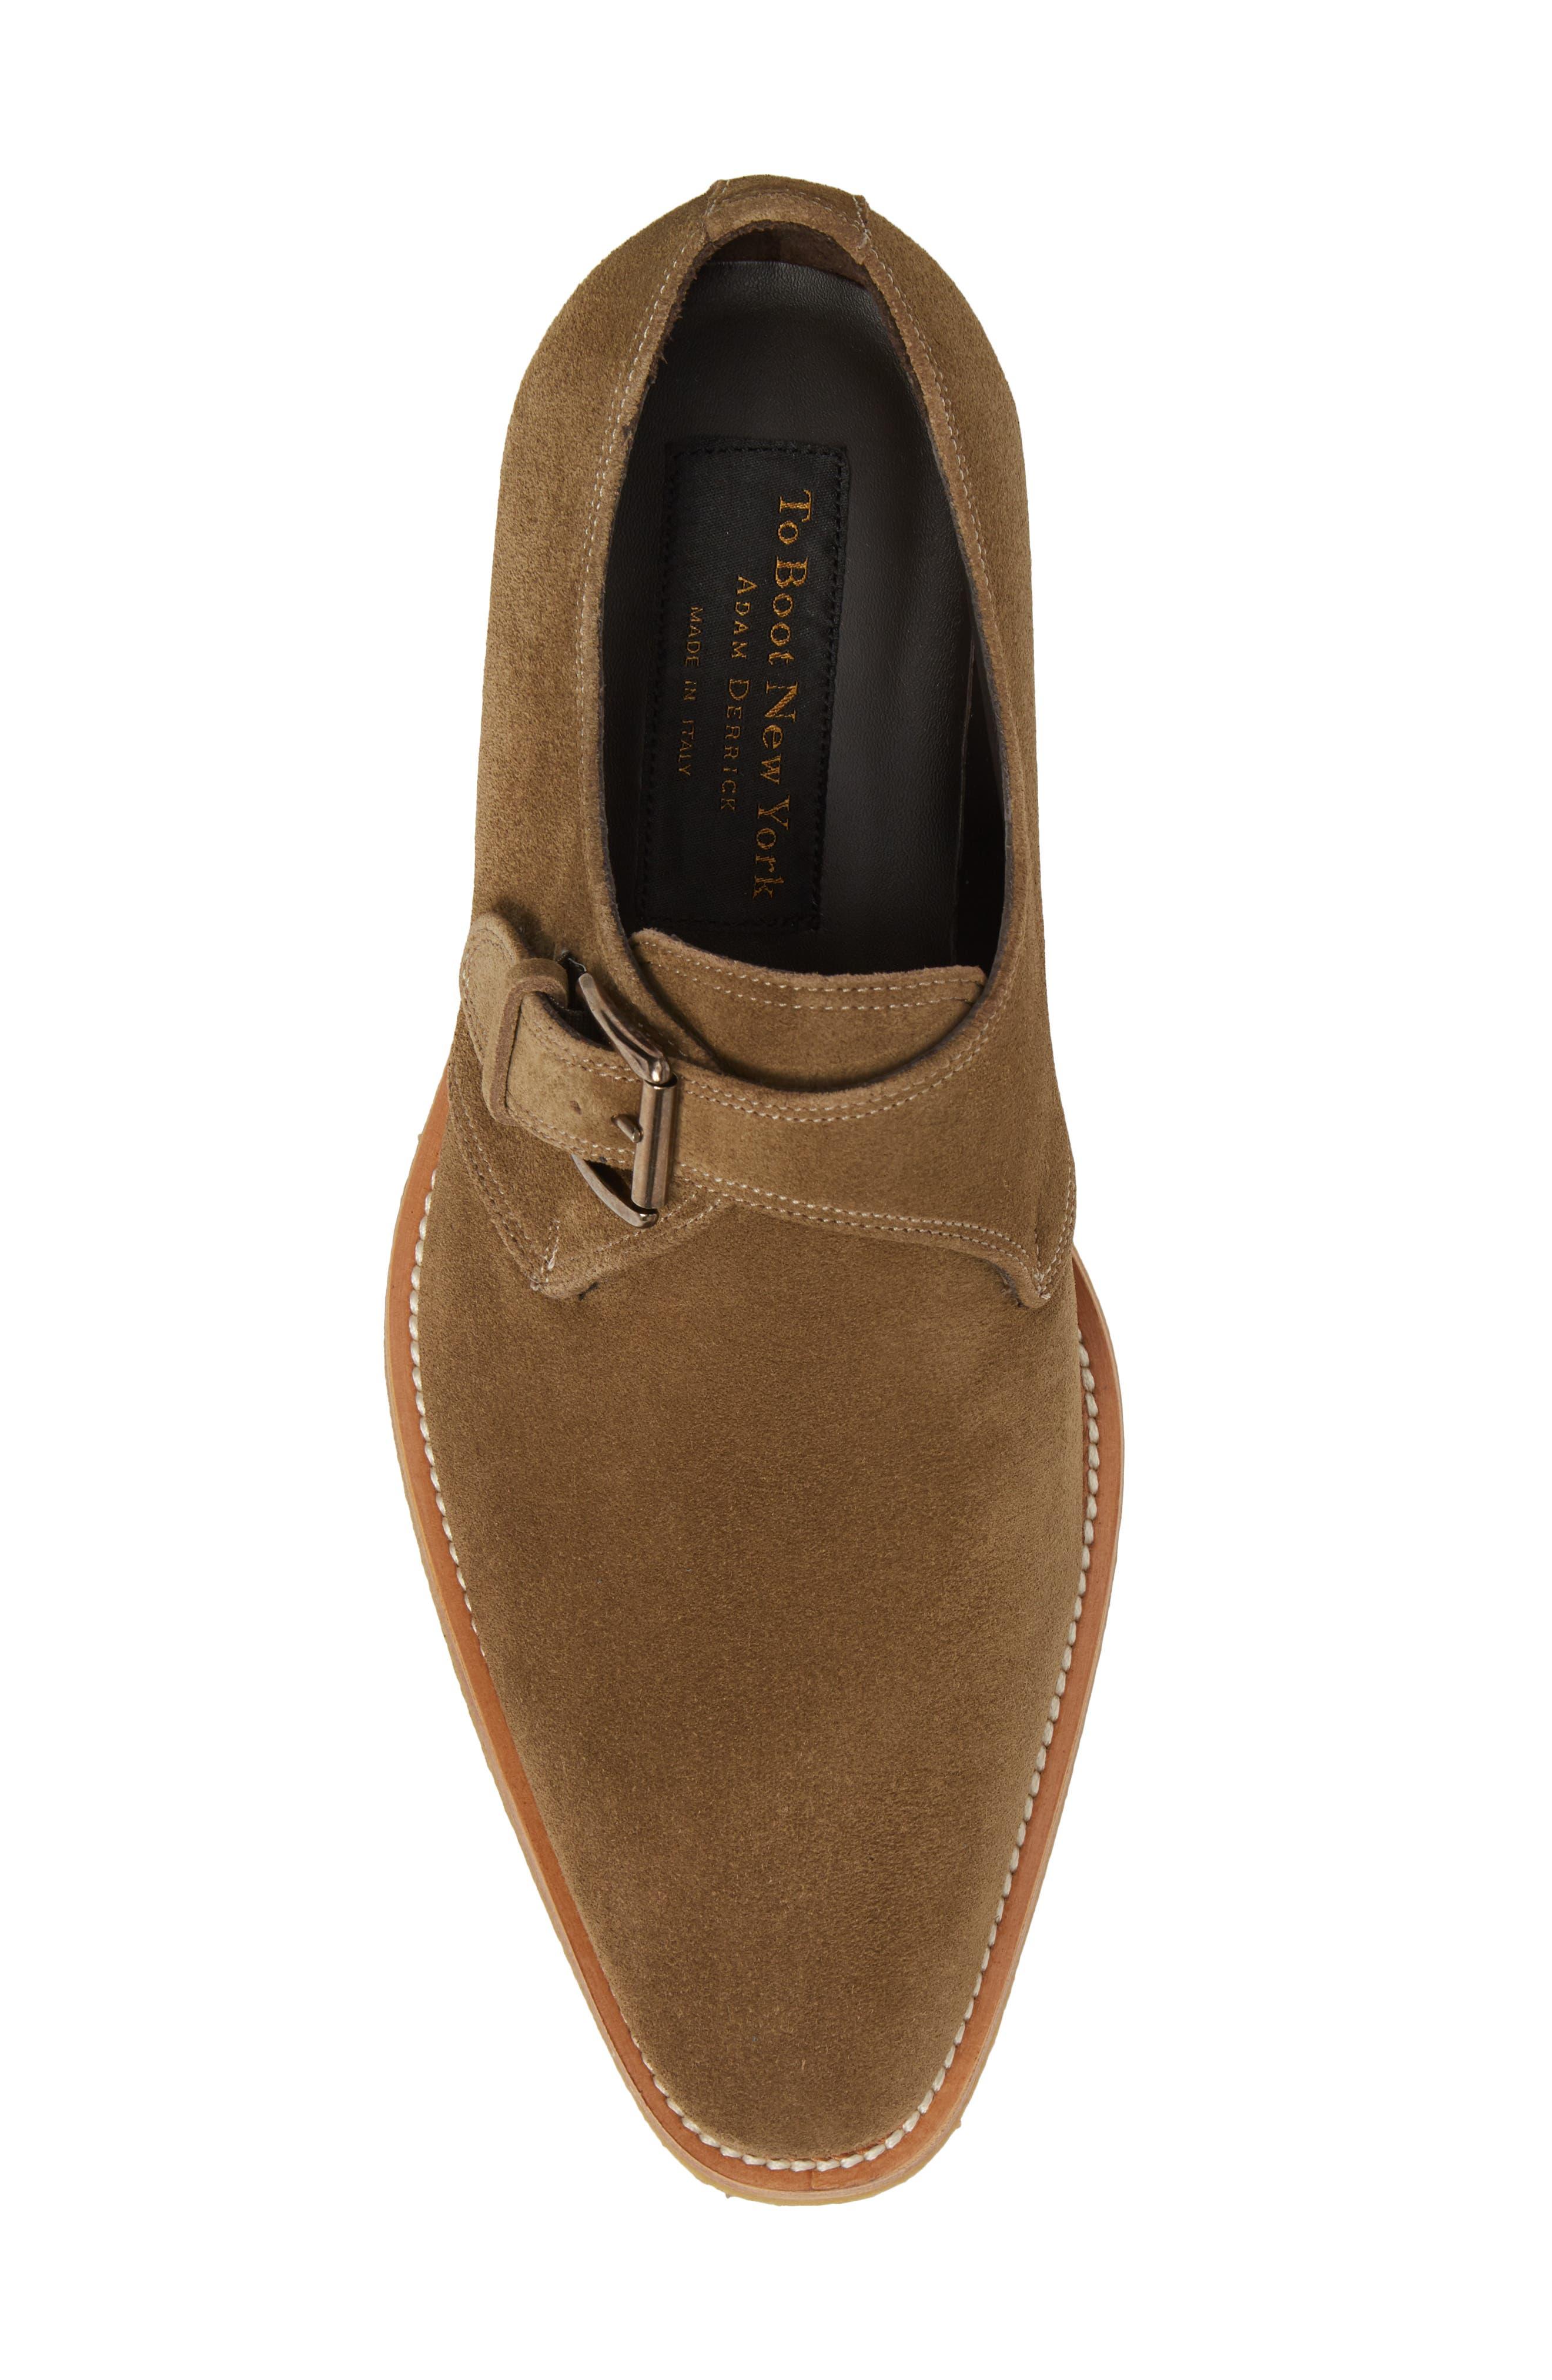 Baldwin Plain Toe Monk Shoe,                             Alternate thumbnail 5, color,                             Taupe Suede